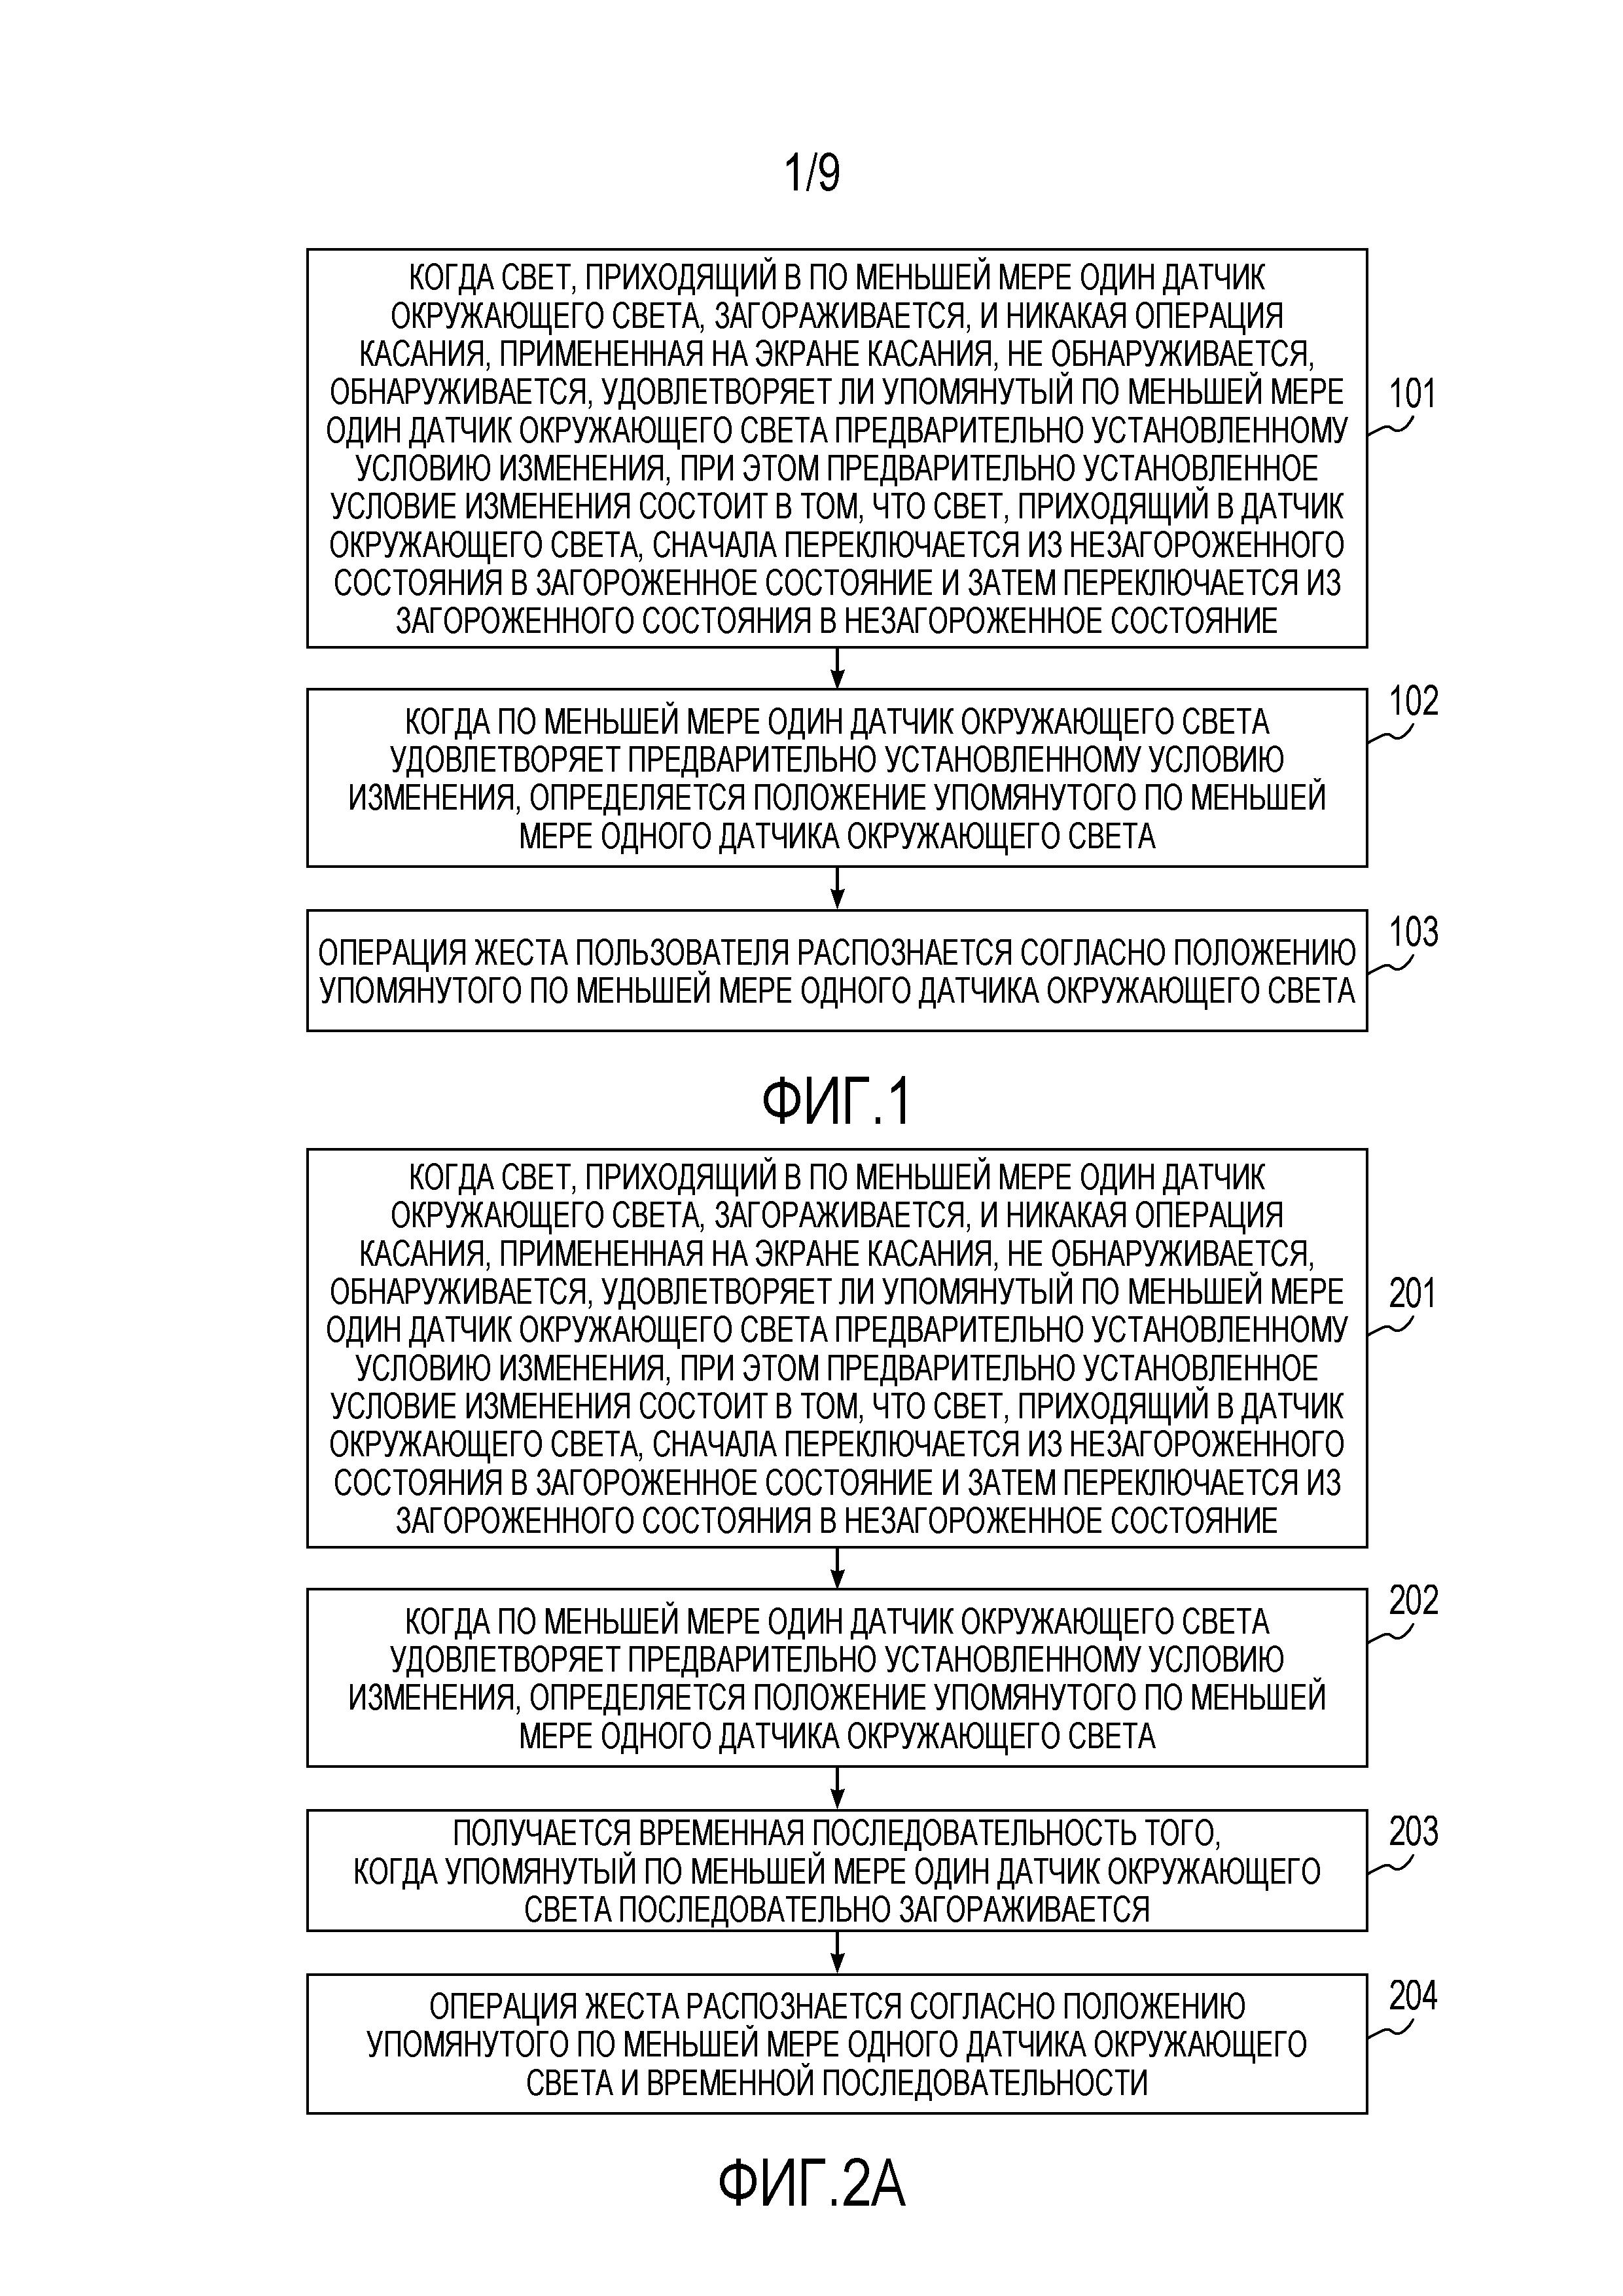 Способ и устройство для распознавания жеста